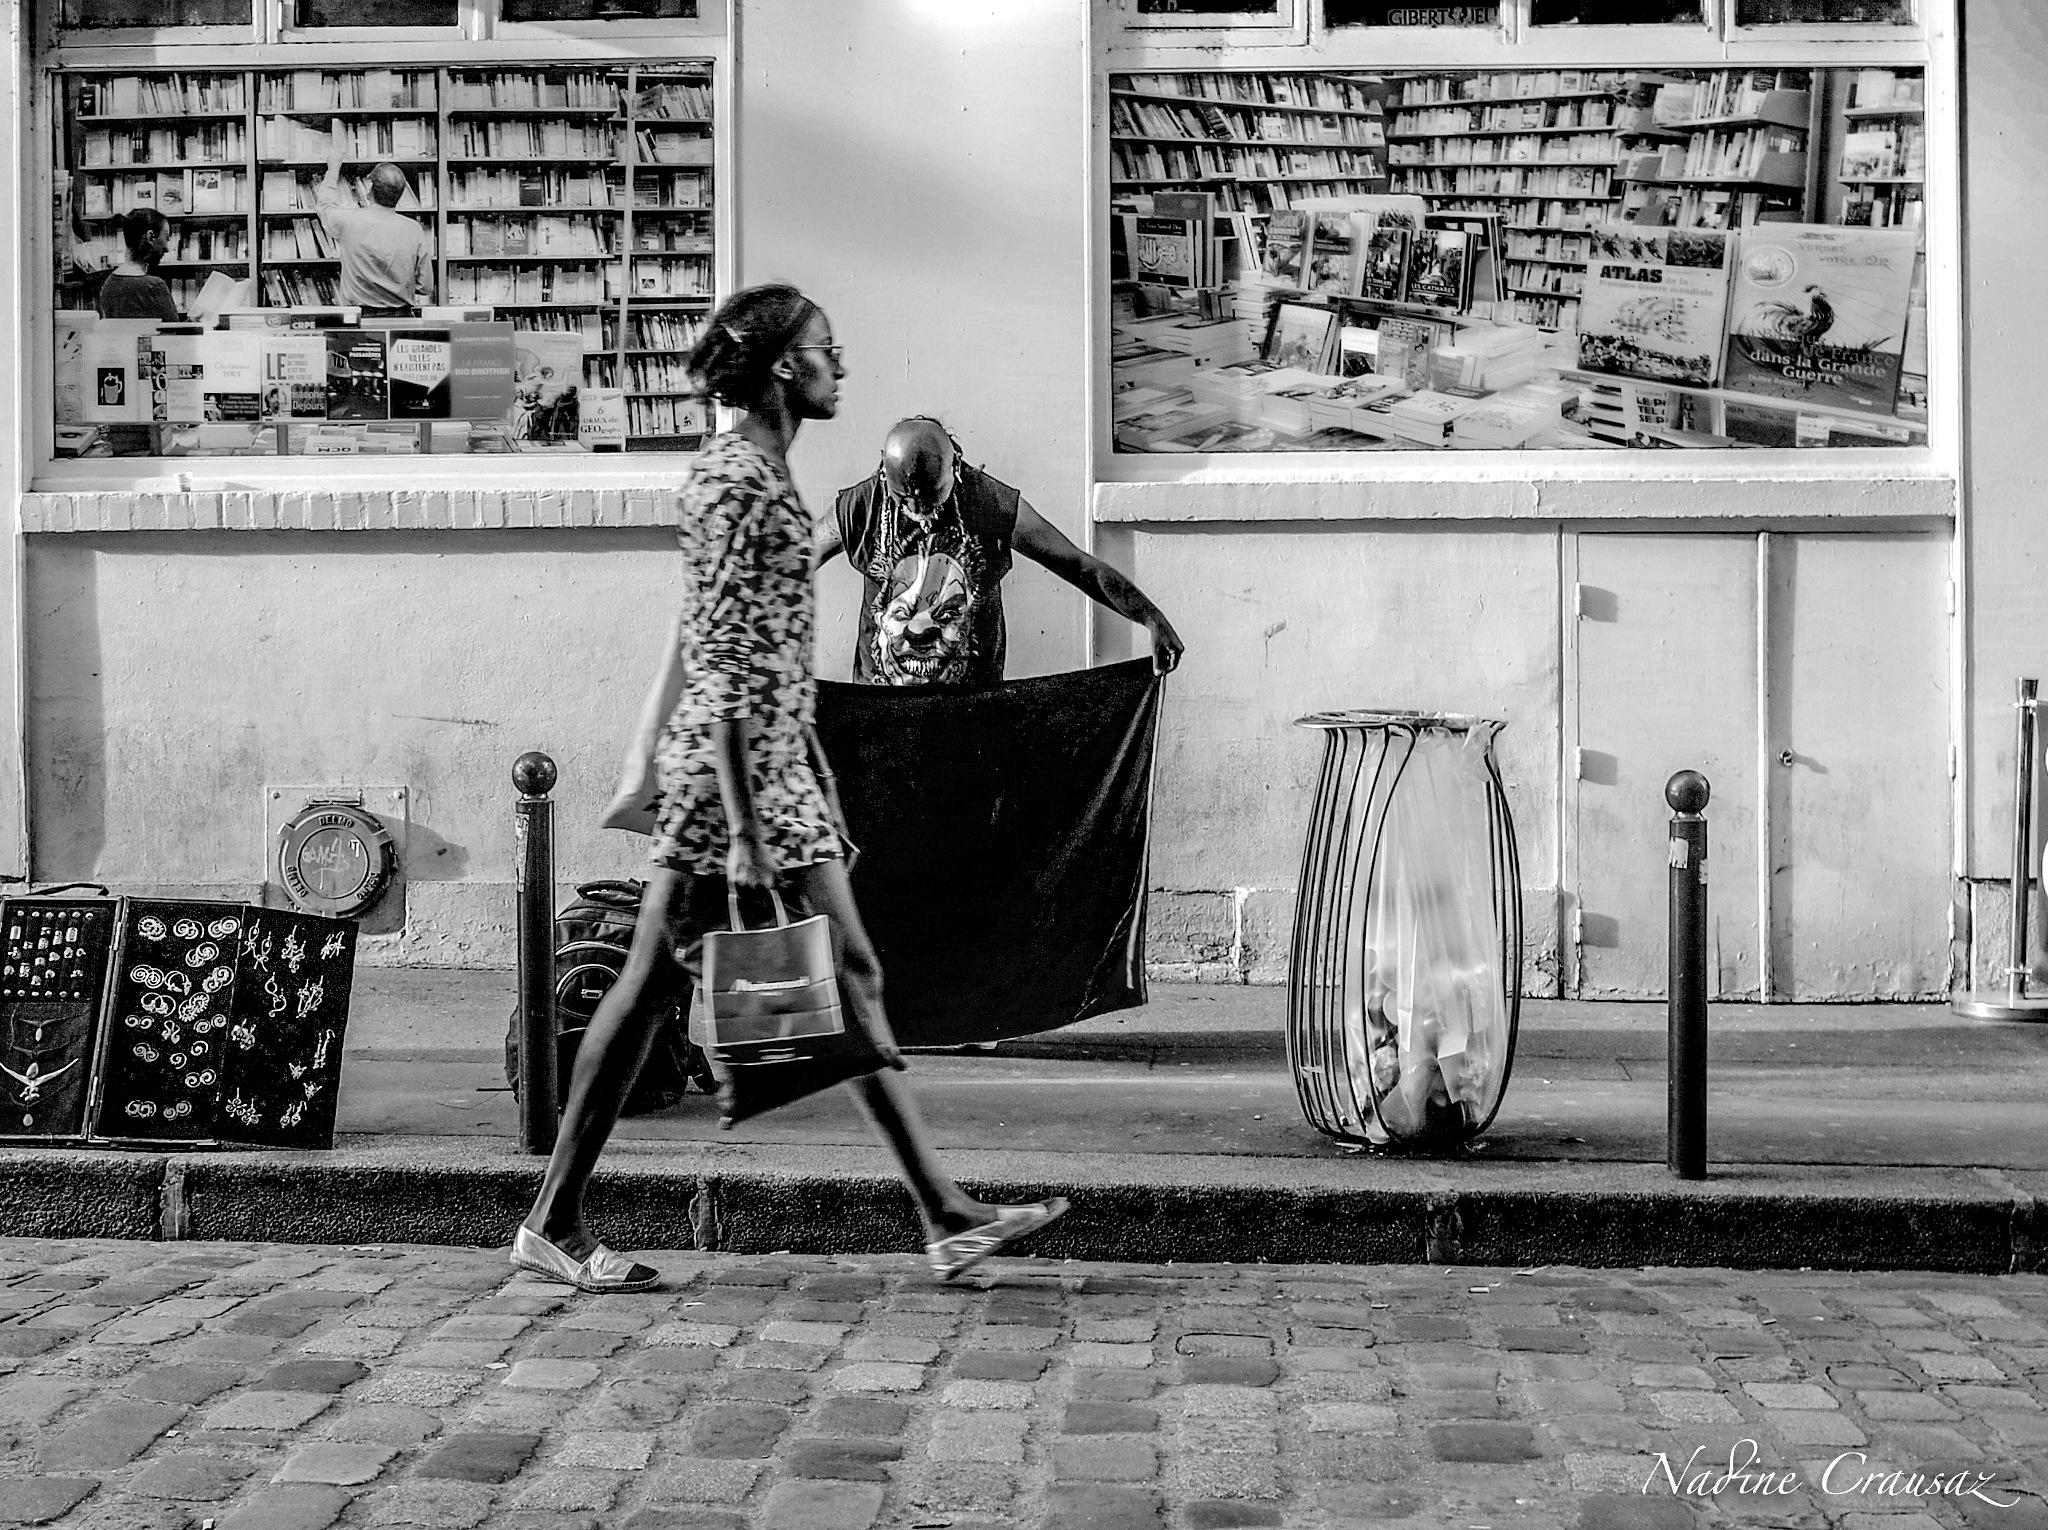 Femme dans le quartier latin de Paris by crausaz